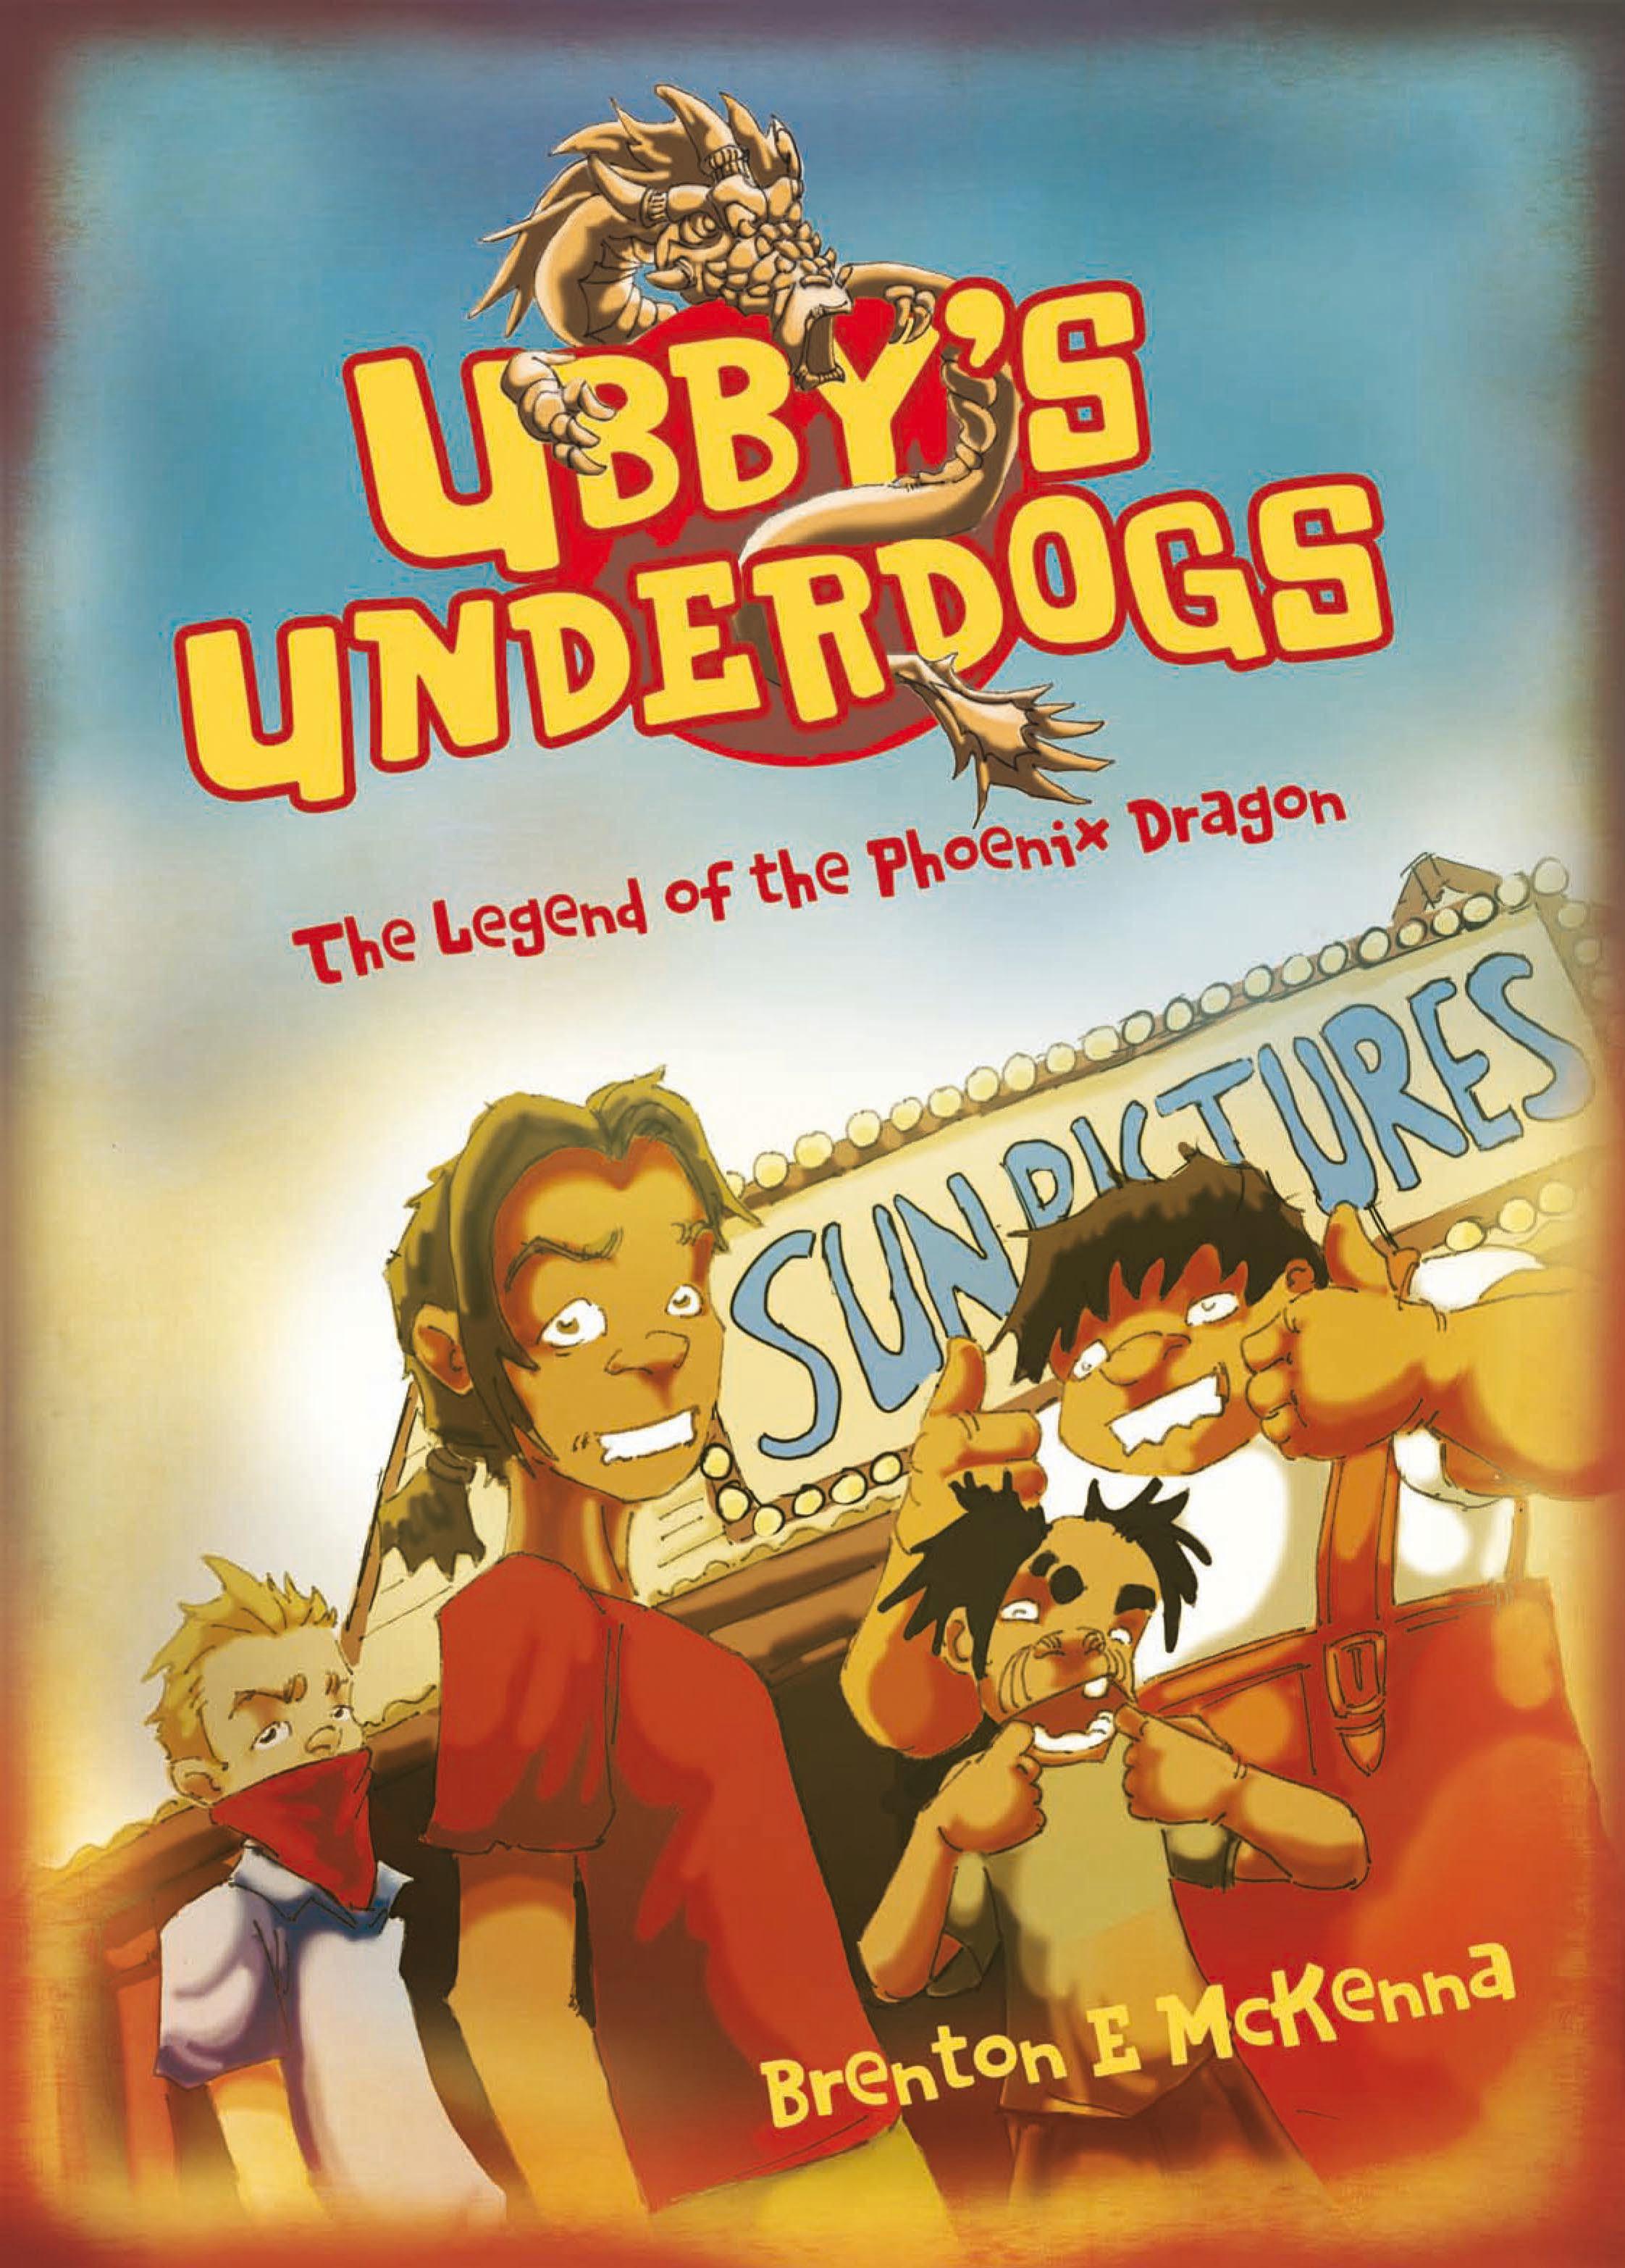 Ubby's Underdogs: The Legend of thePhoenixDragon